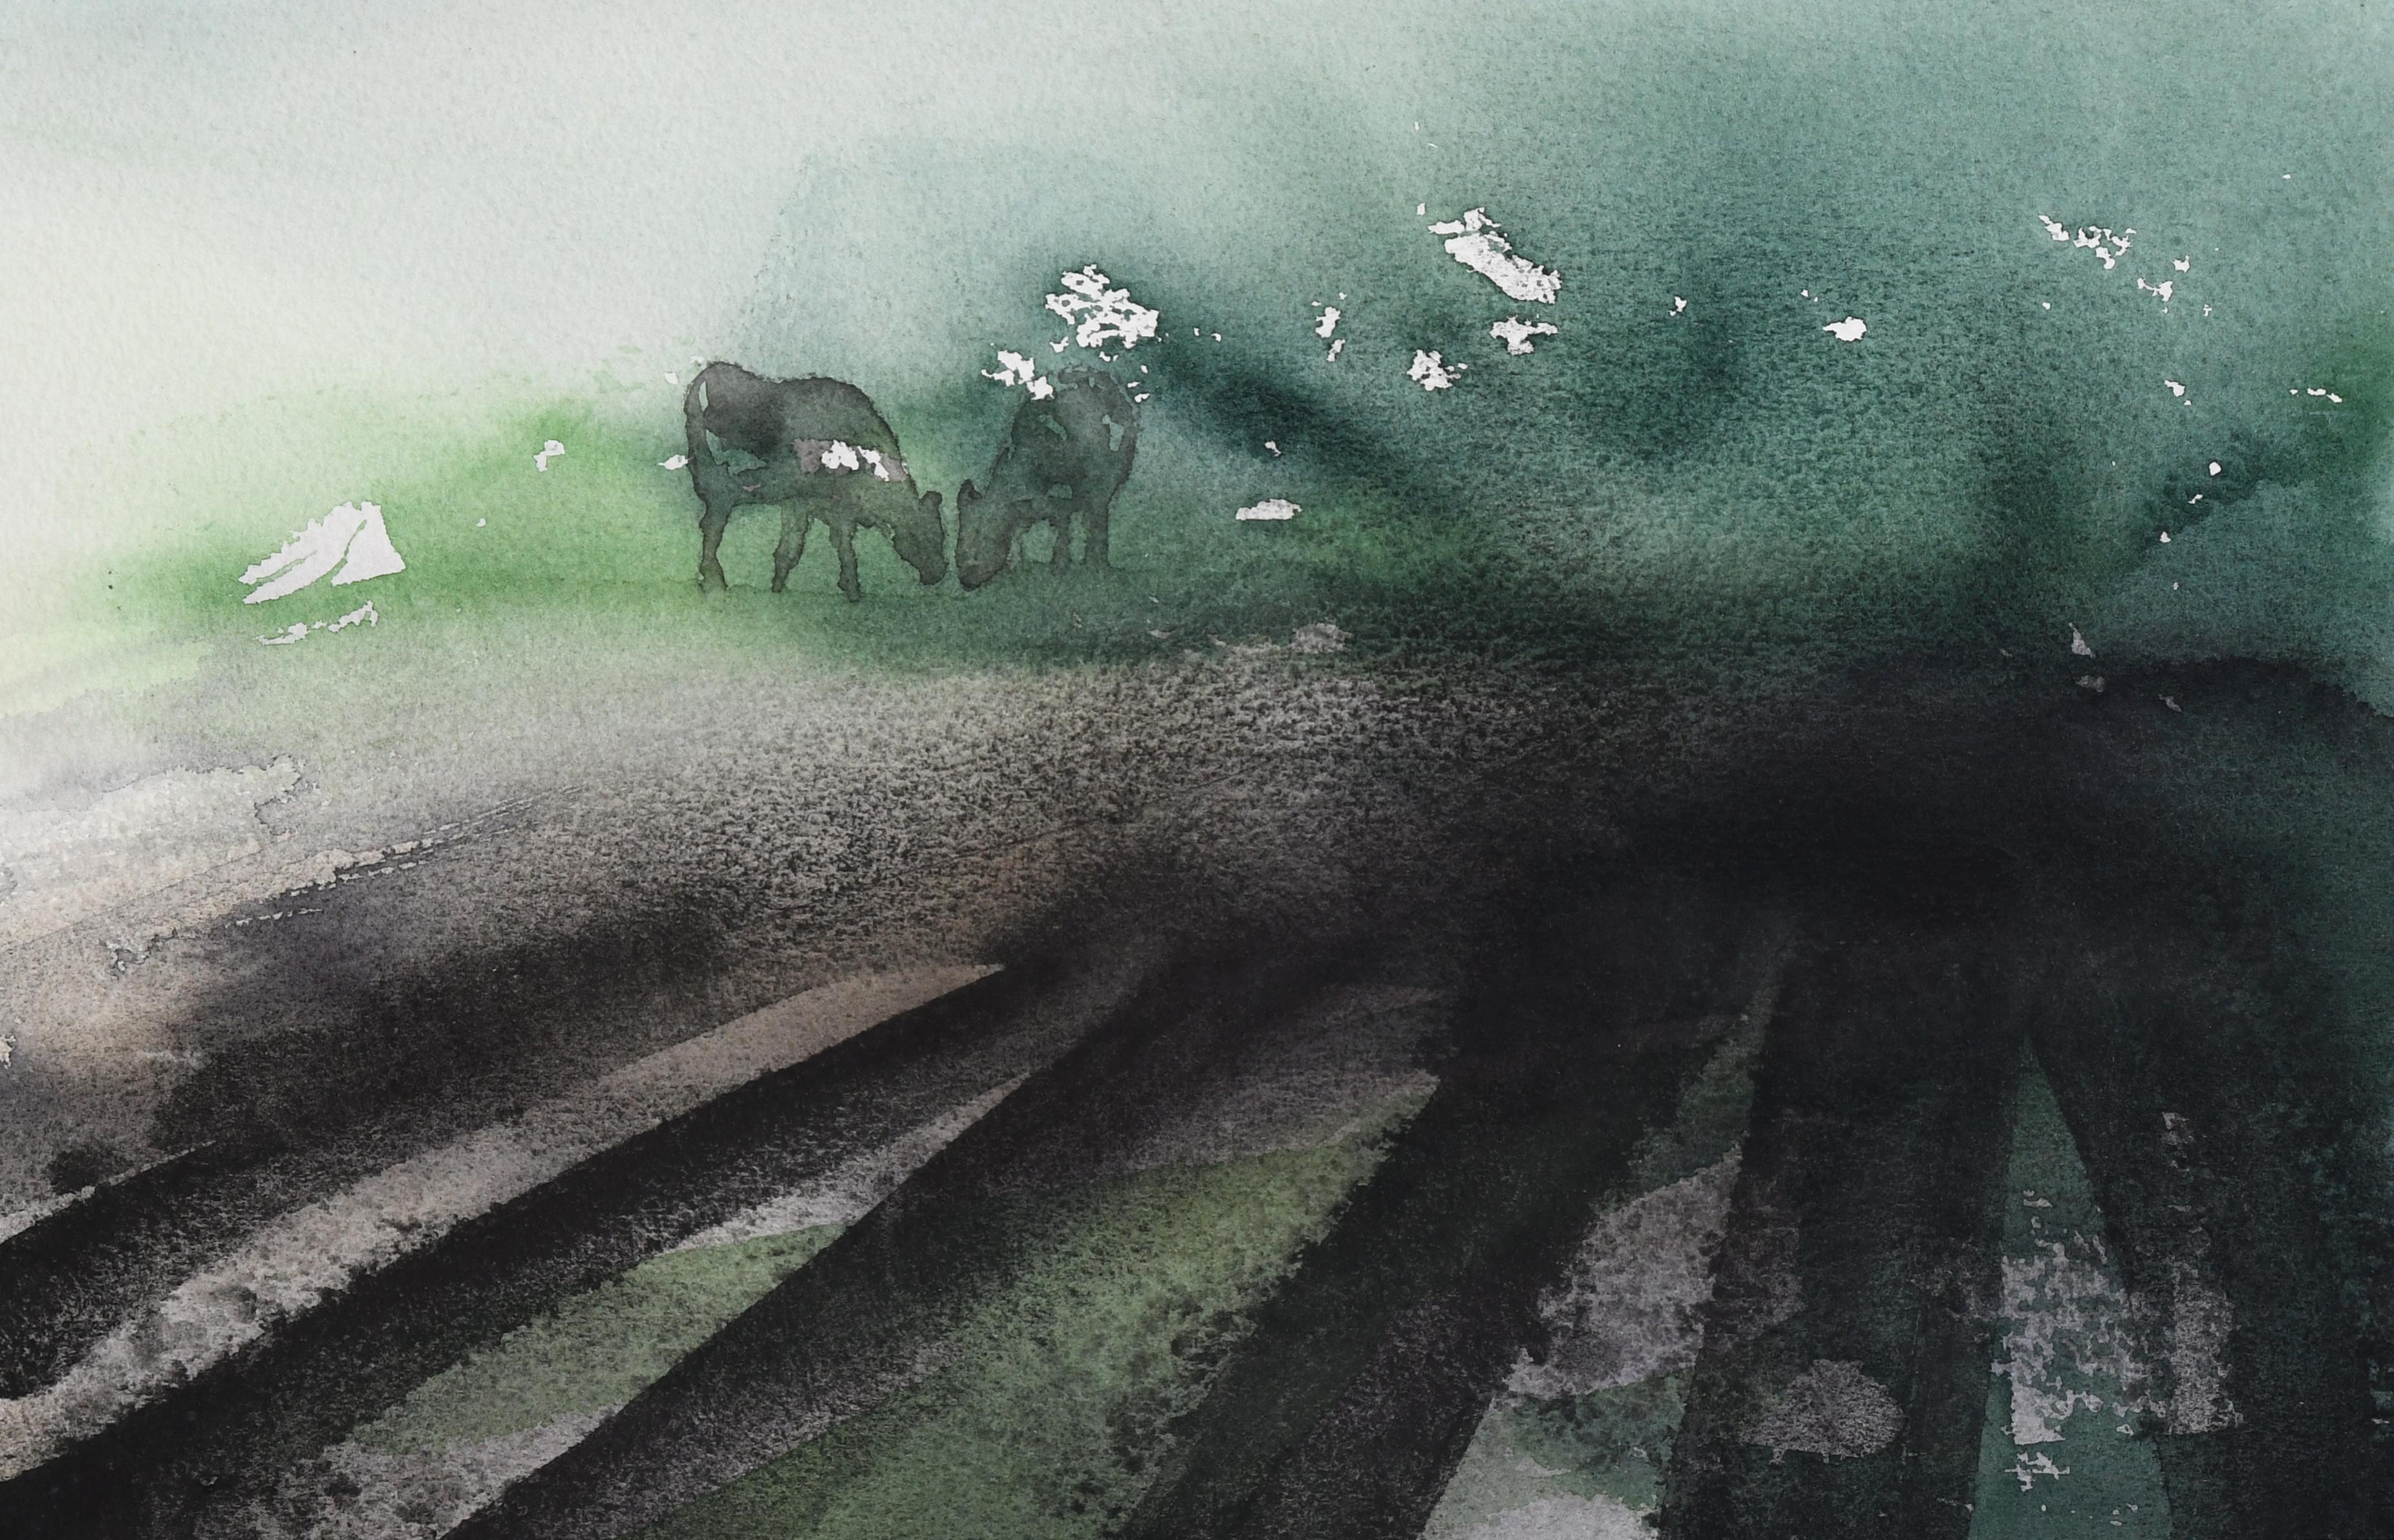 Ku på jorde (20 x 30 cm)